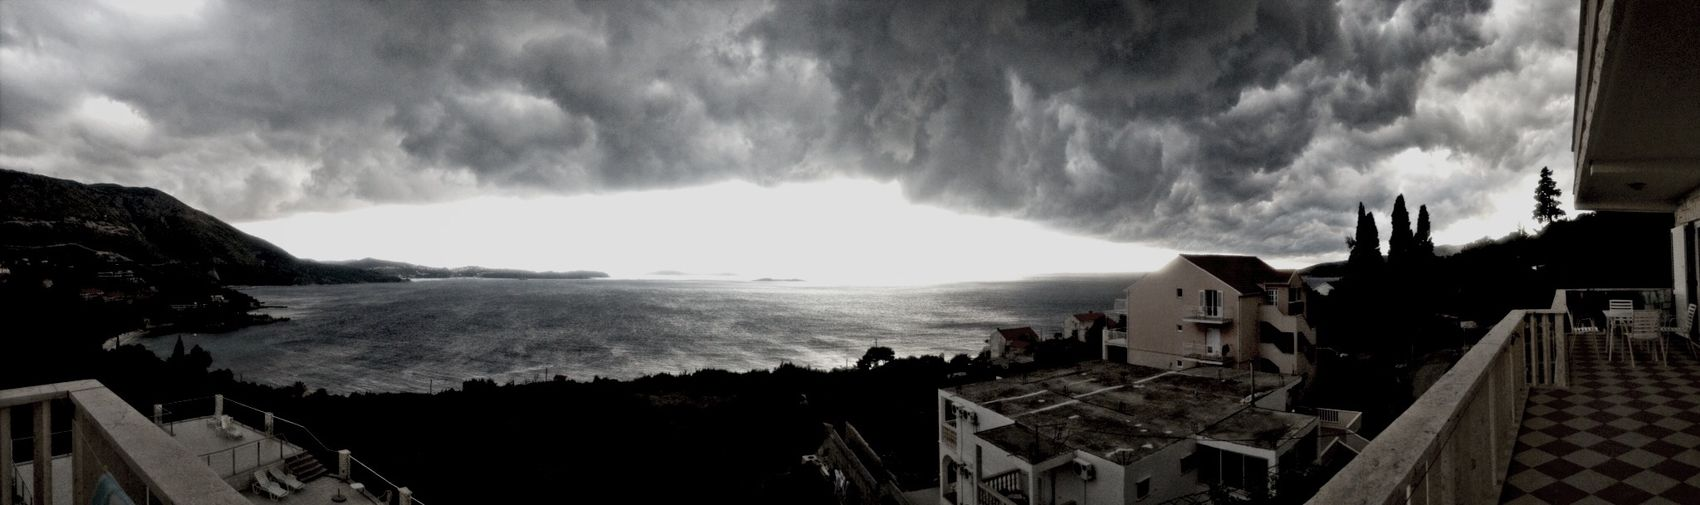 Storm Sea View Taking Photos Hello World